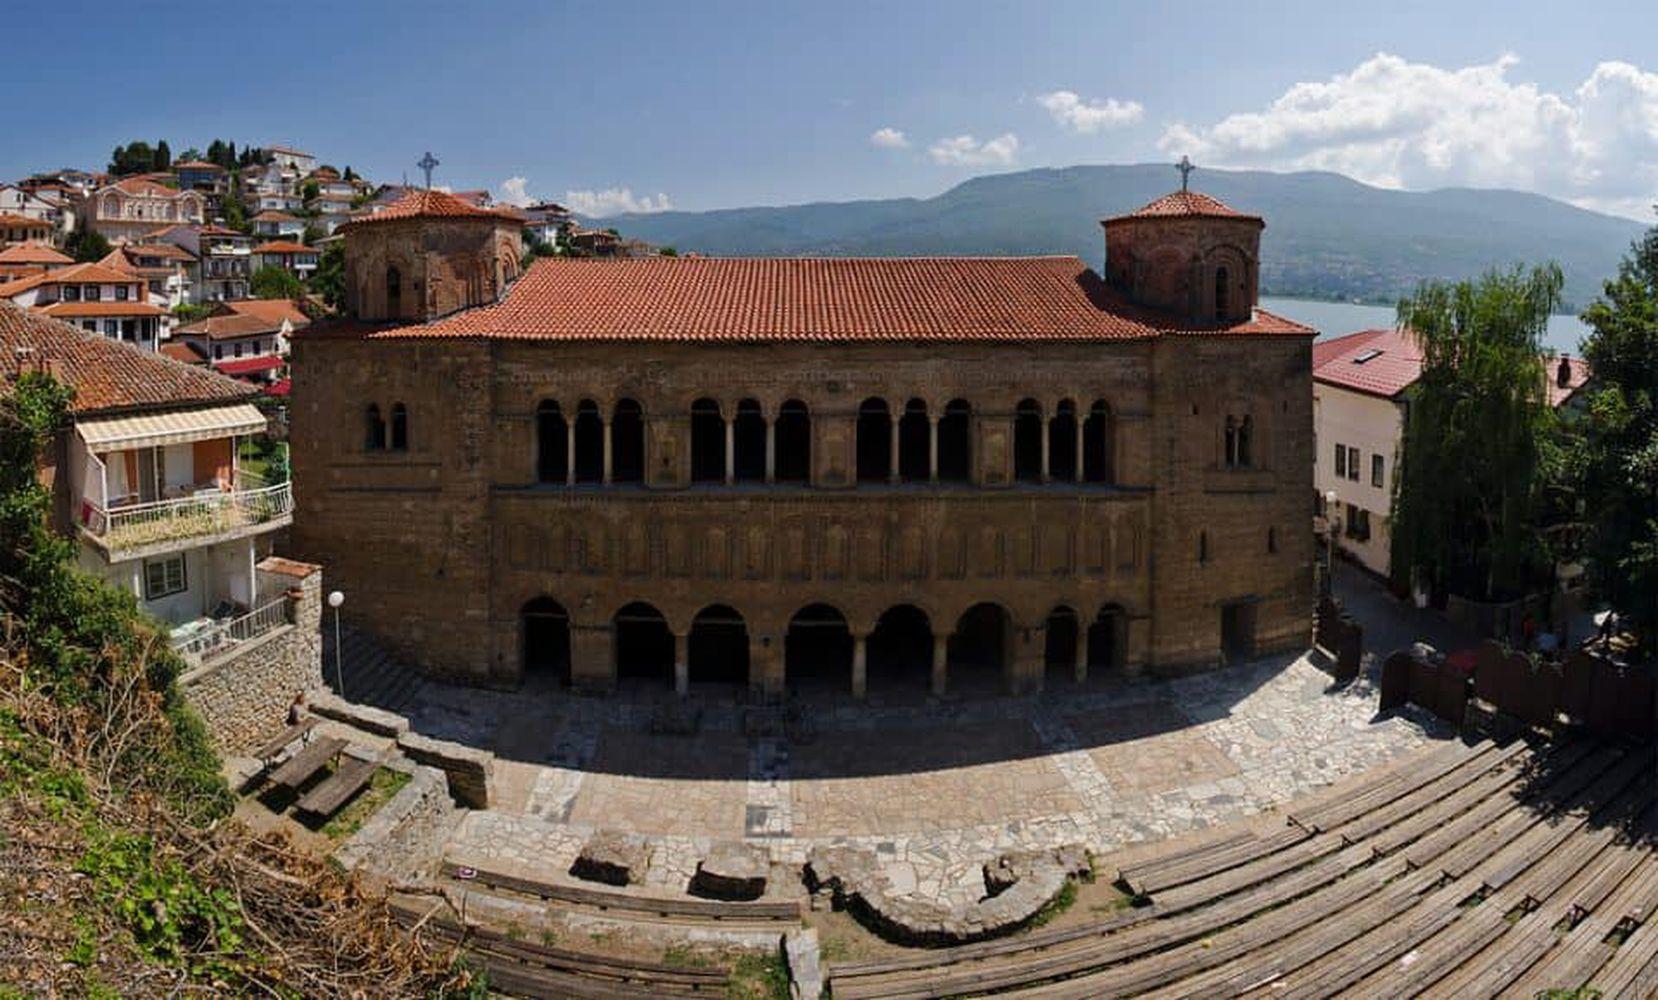 След изместването на столицата на България в Охрид, по времето на цар Самуил в края на X – началото на XI век, църквата е седалищен катедрален храм на Българската патриаршия, както и на наследилата я след 1018 година Охридската архиепископия.